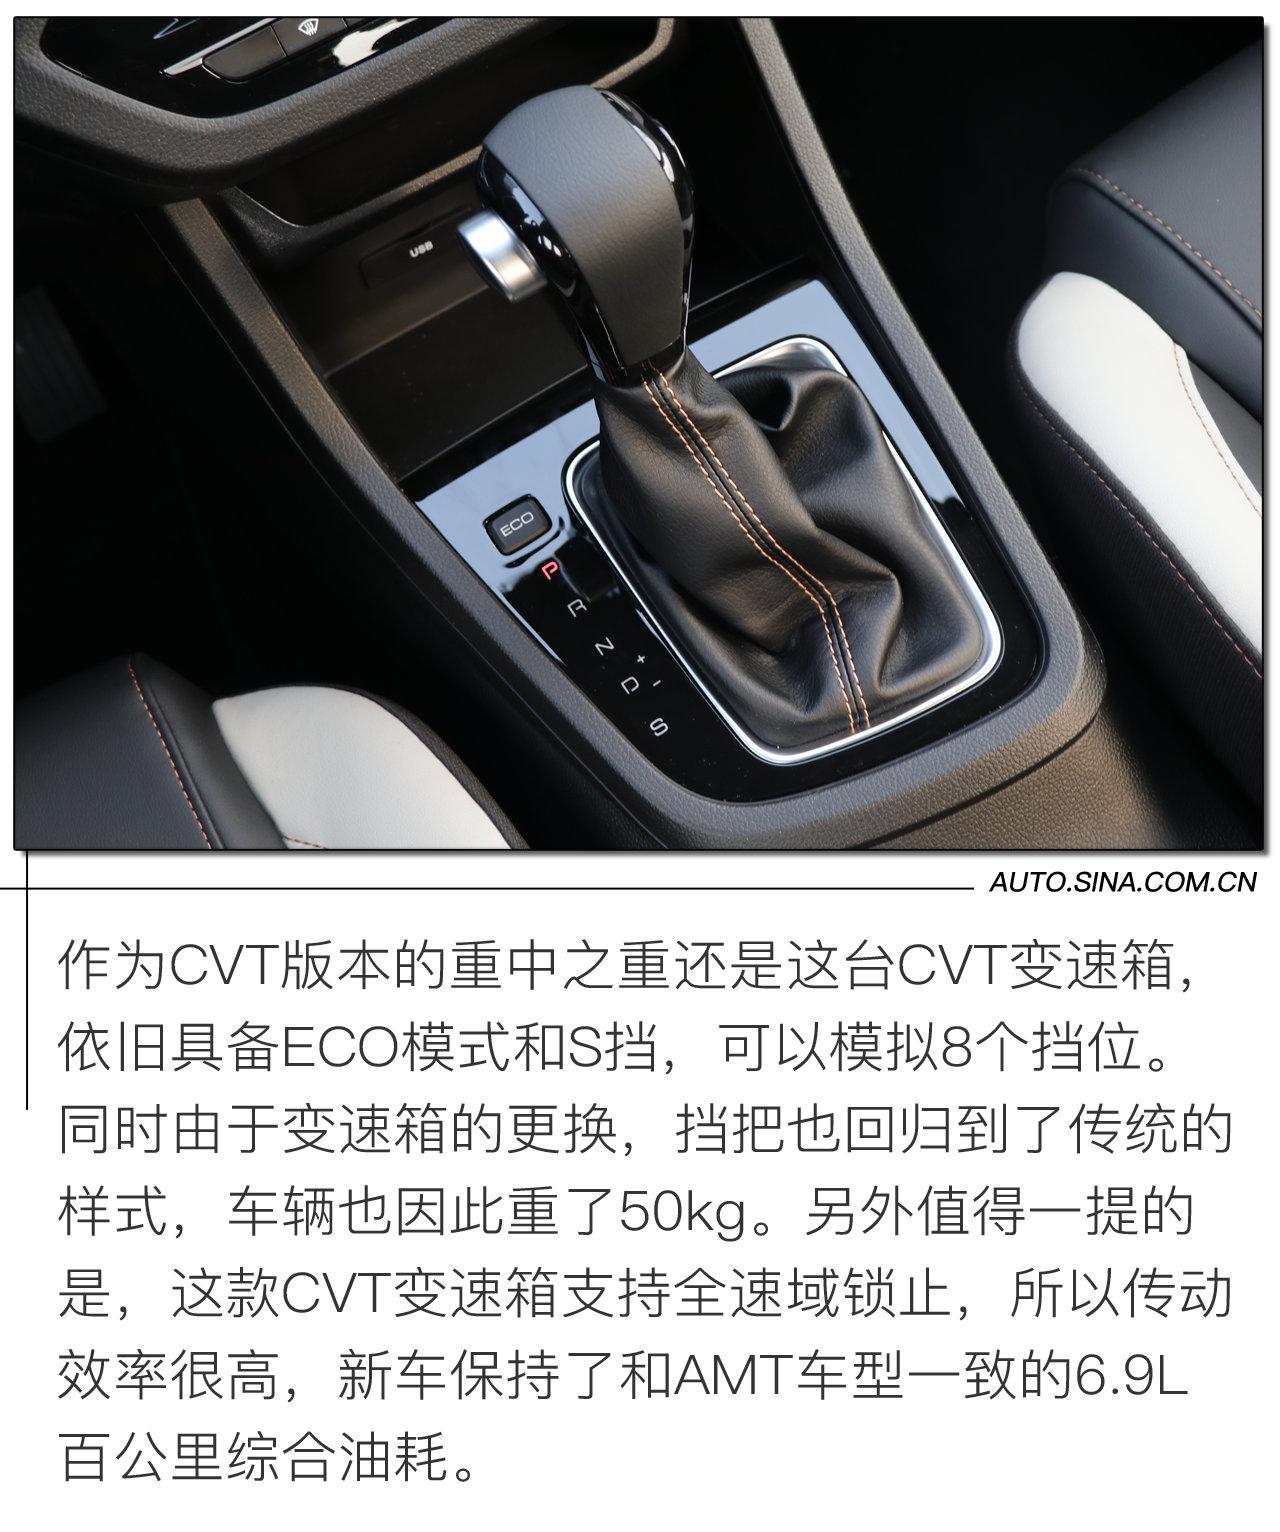 補齊舒適拼圖 試駕體驗寶駿360 CVT版